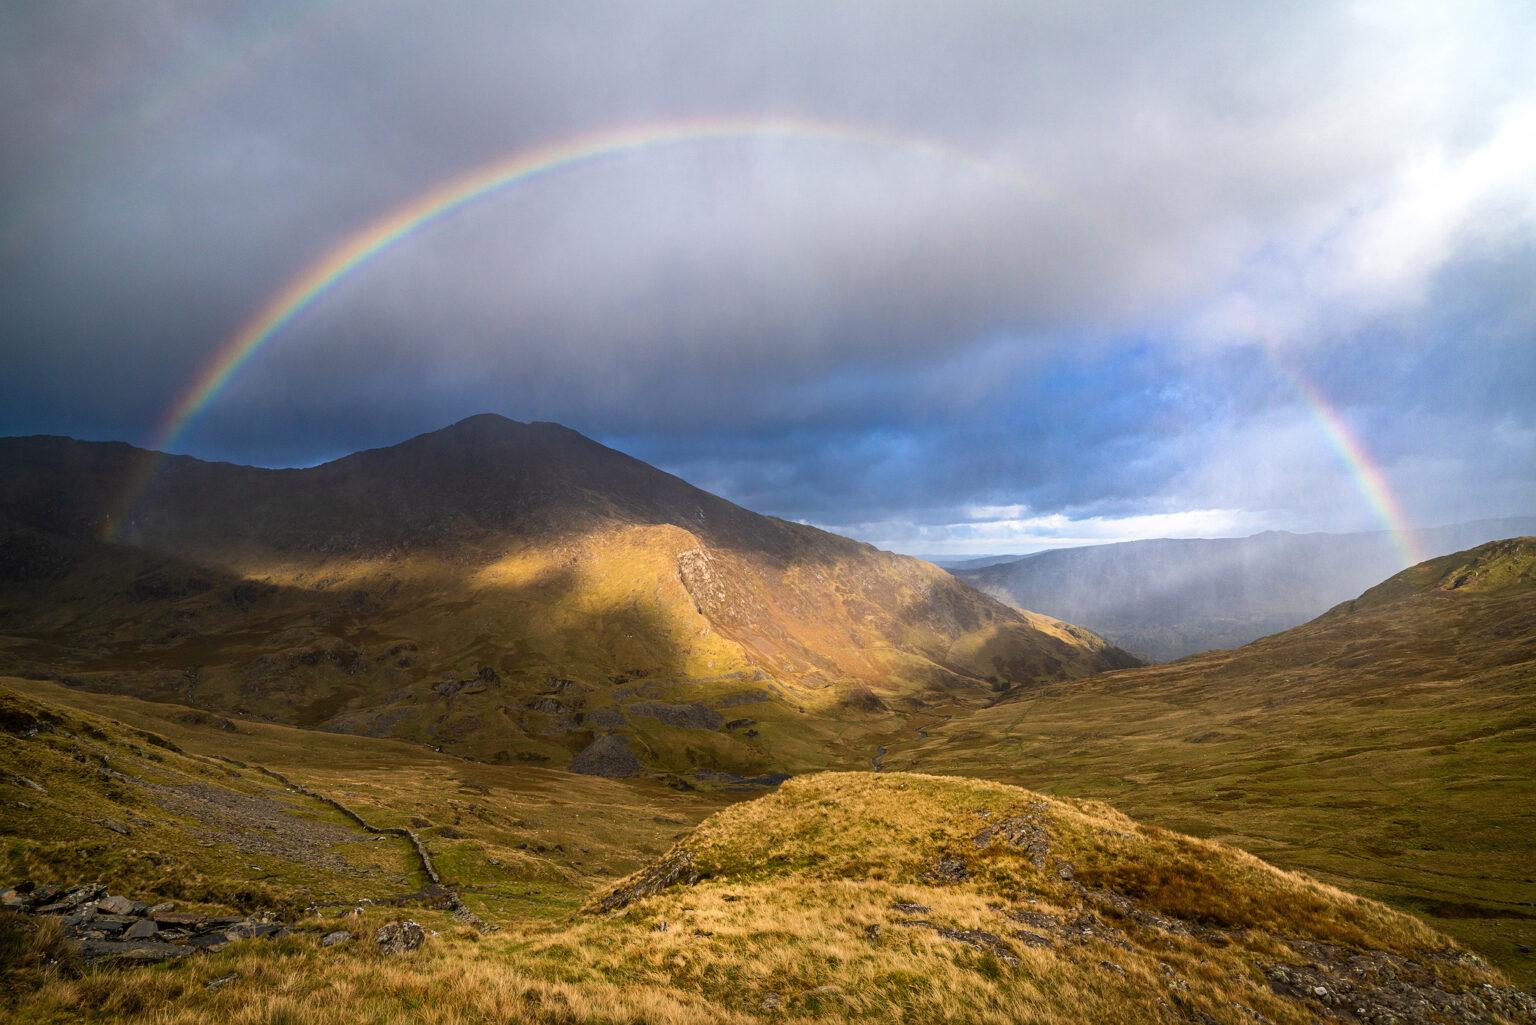 Y Llliwedd Rainbow – Snowdonia Landscape Photography